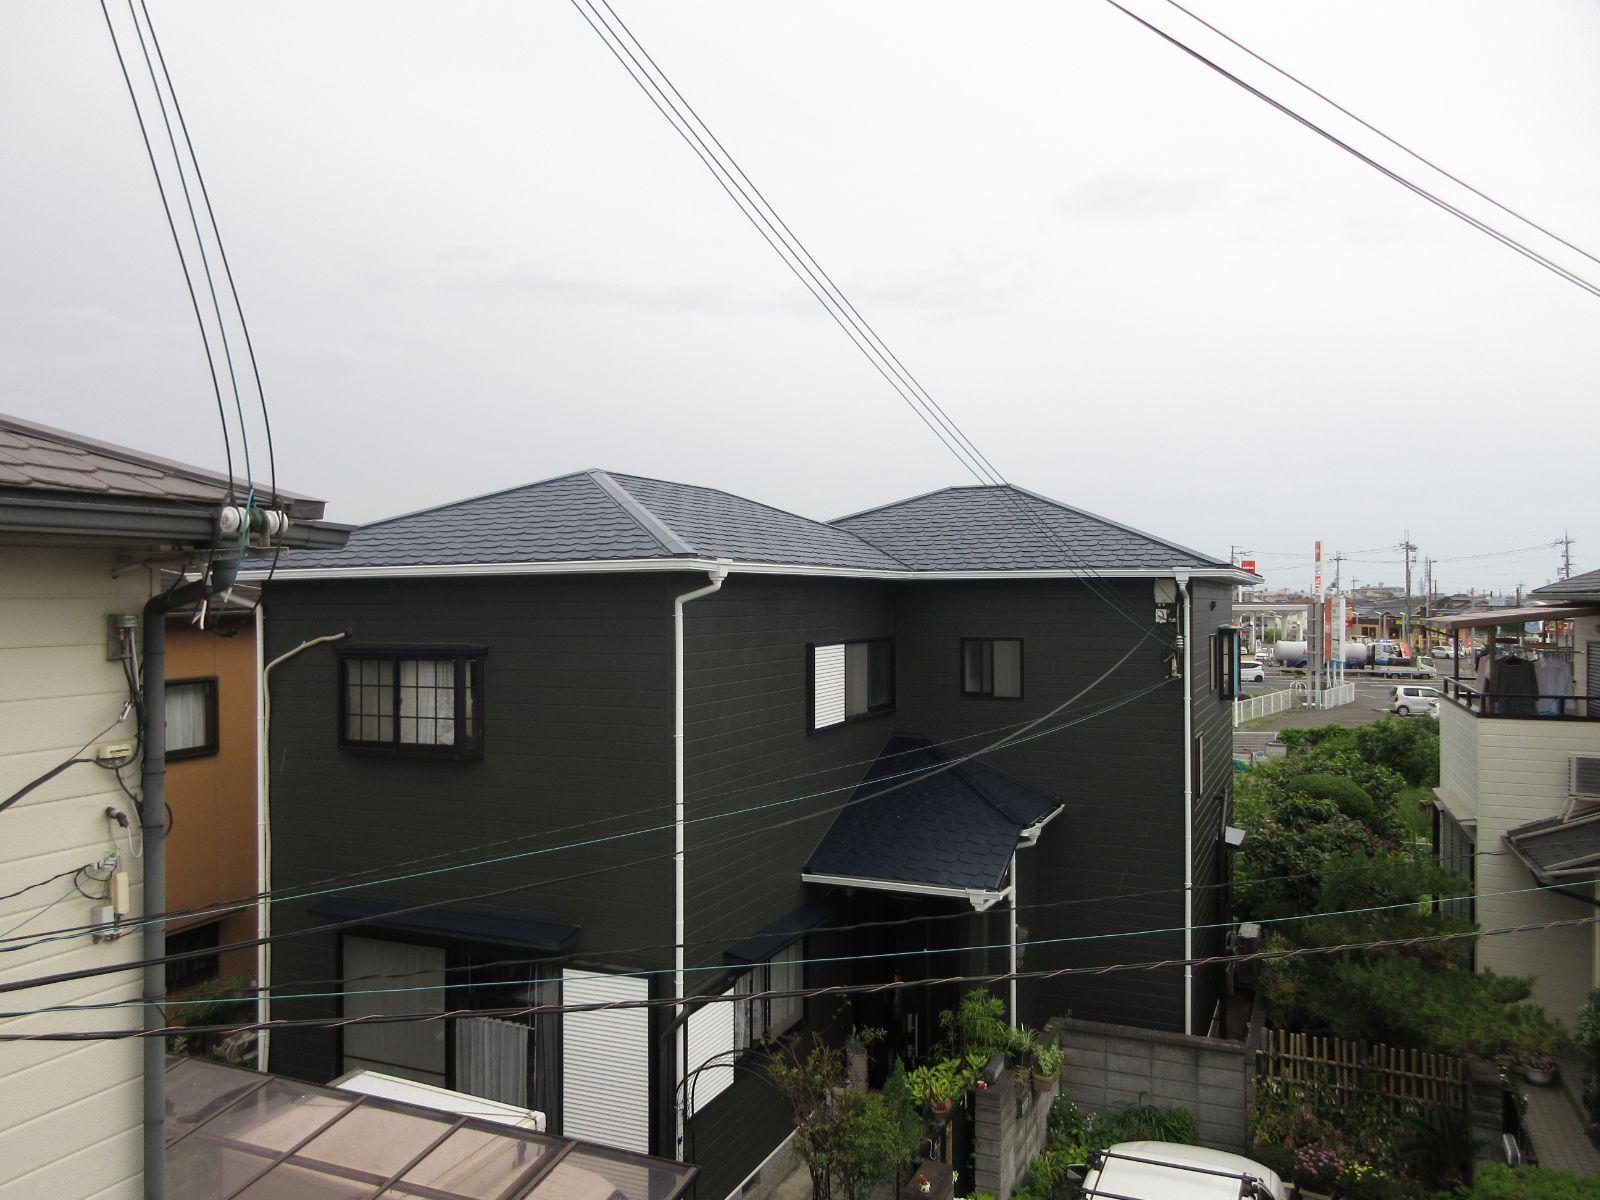 【泉南市】 N様邸 外壁・屋根塗装工事<br>『耐久耐侯No1!こだわりが詰まったお家に♫』